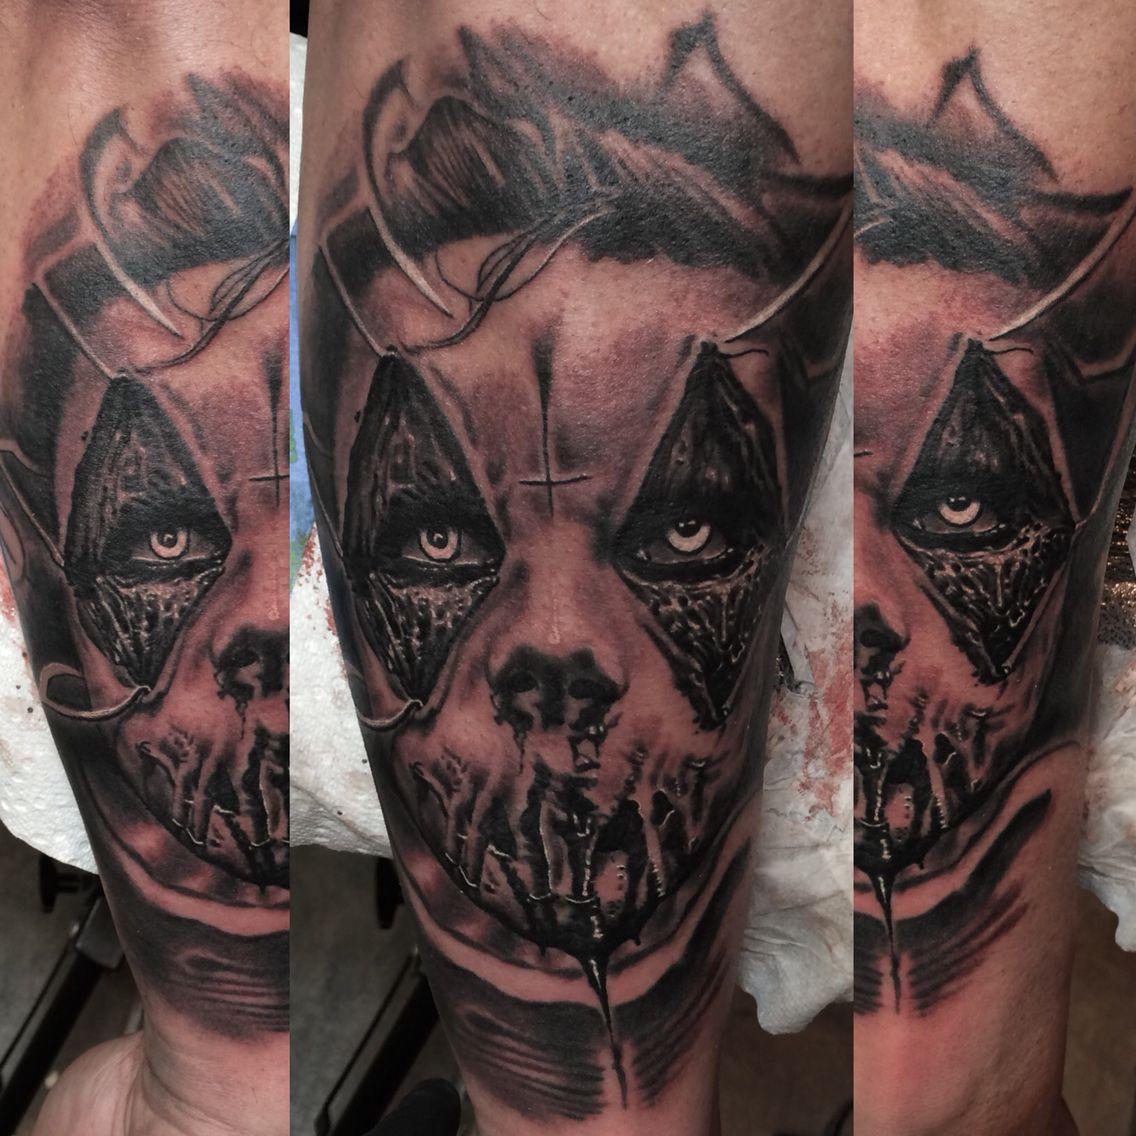 Sean Foy Wayne Nj Tattoos 2014 Portrait Tattoo Tattoo Parlors